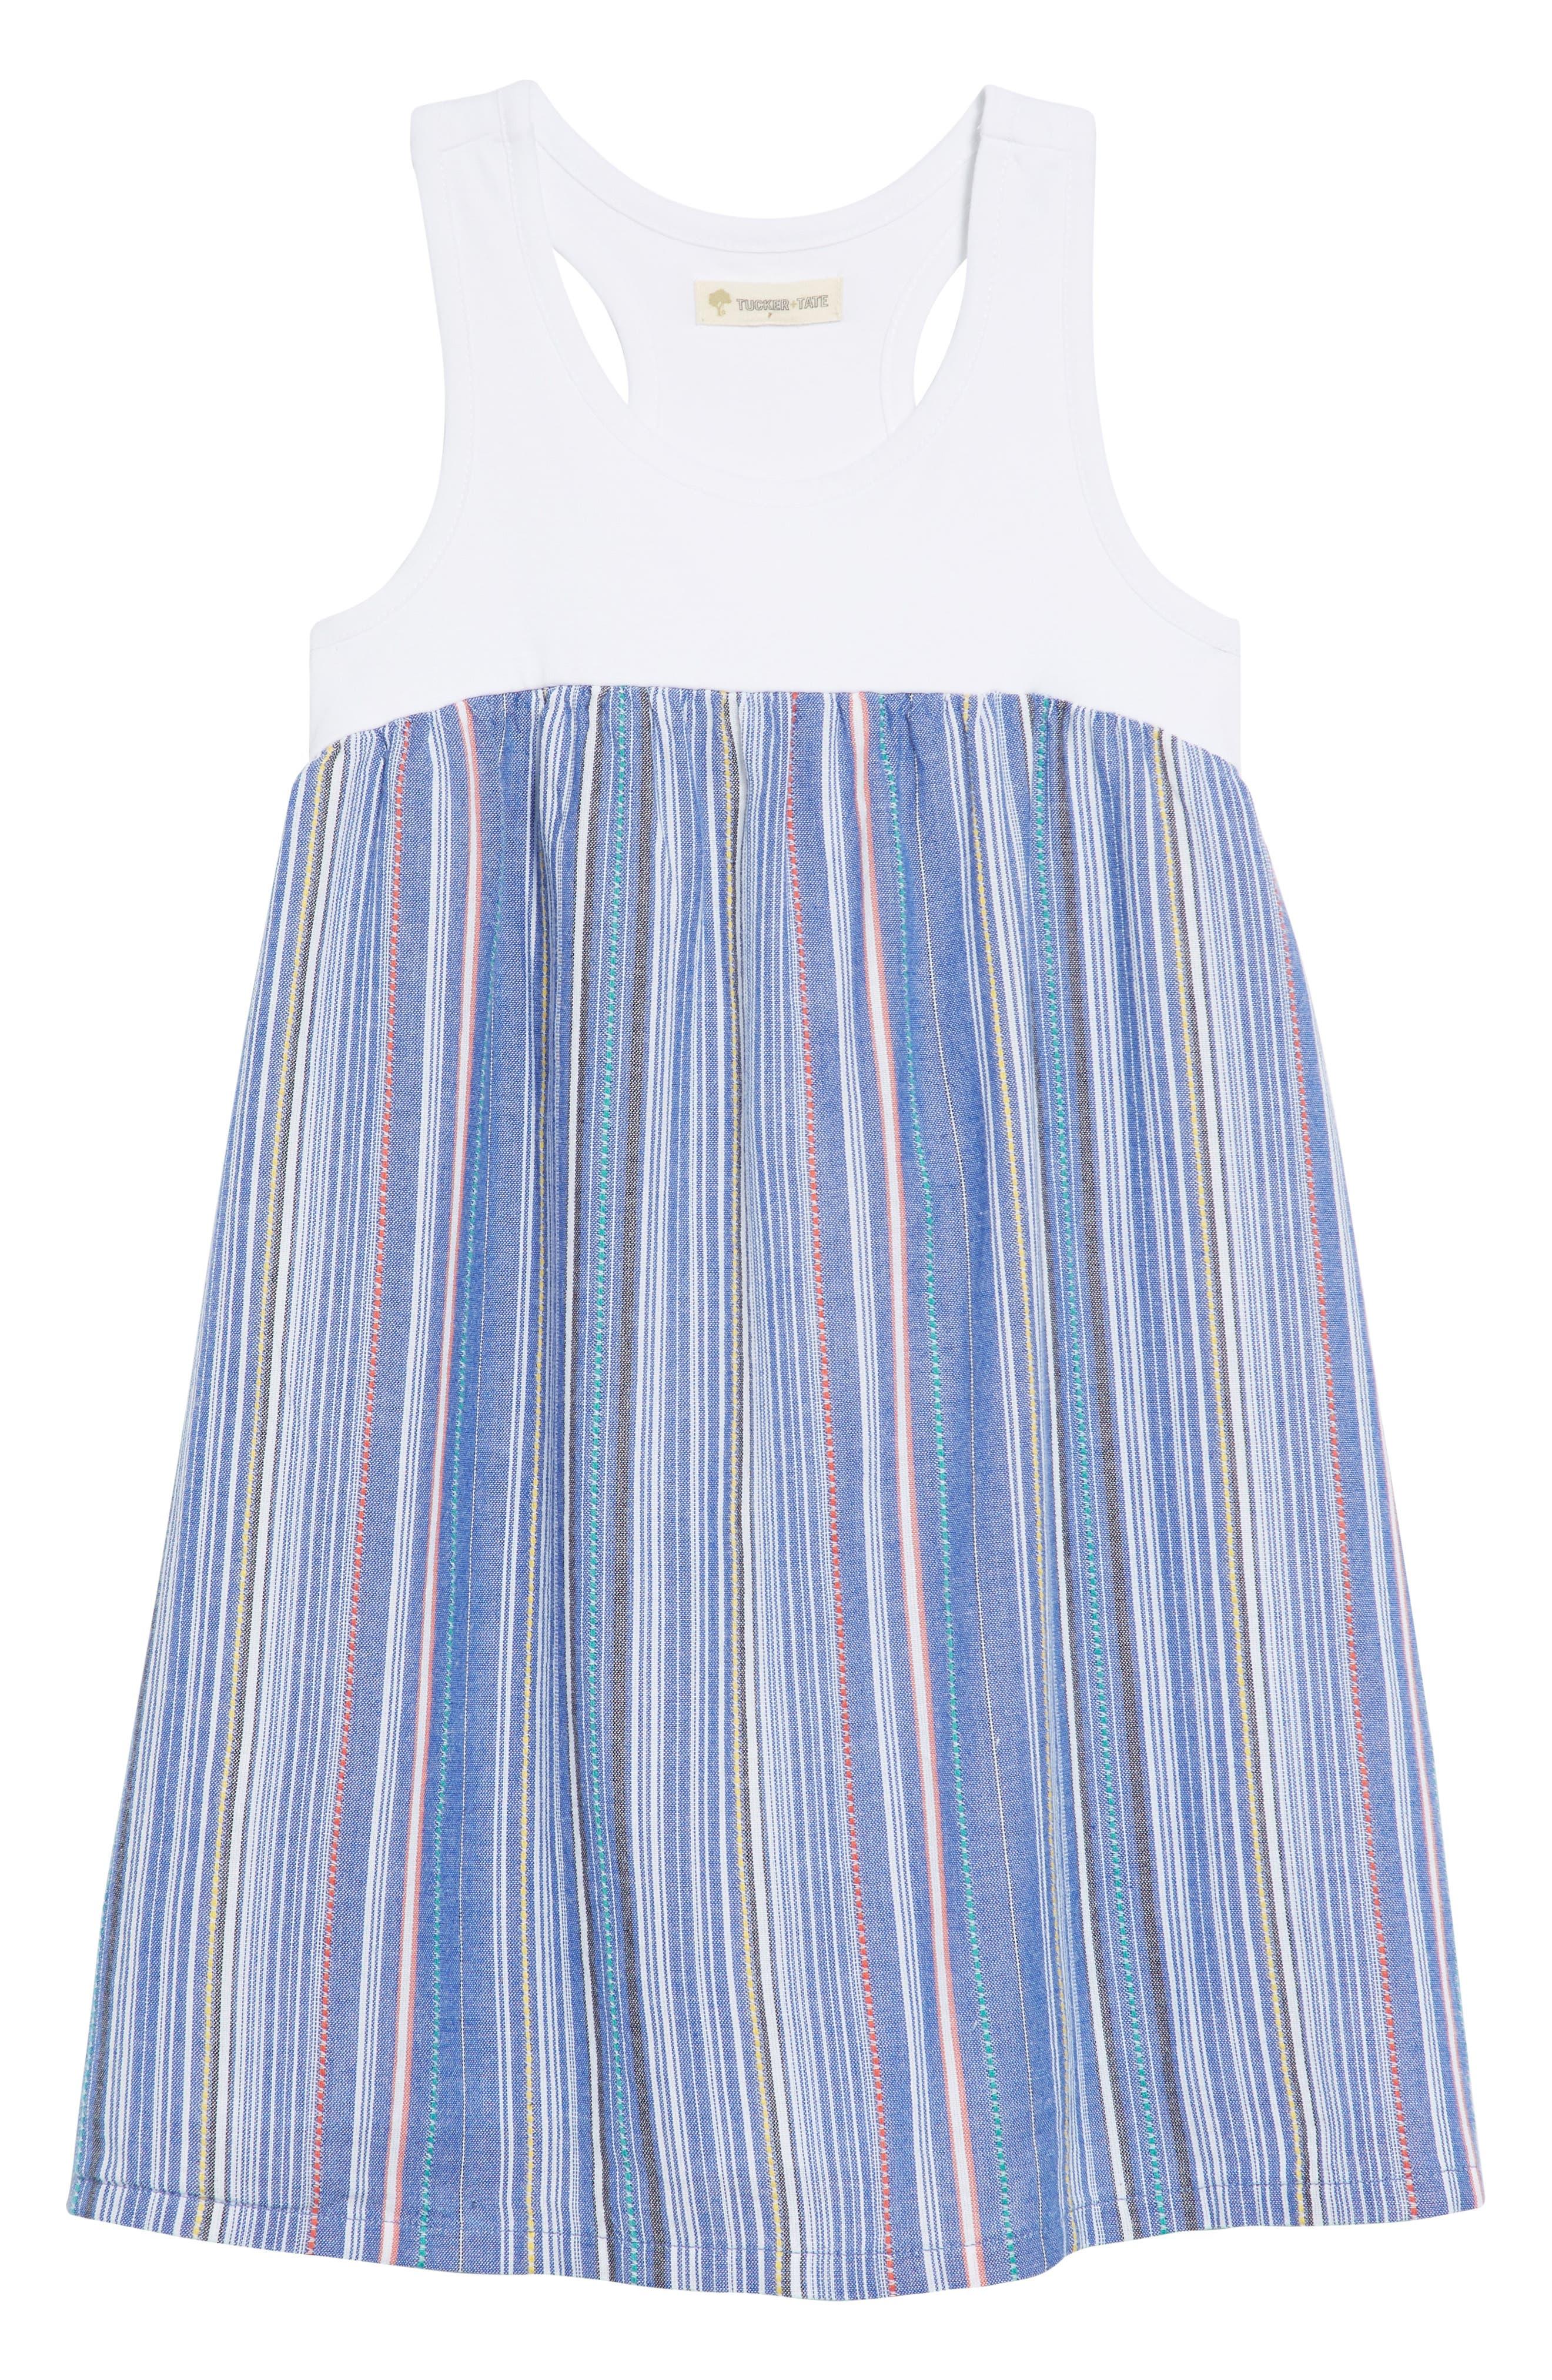 Racerback Tank Dress,                         Main,                         color, Blue Thread Multi Stripe